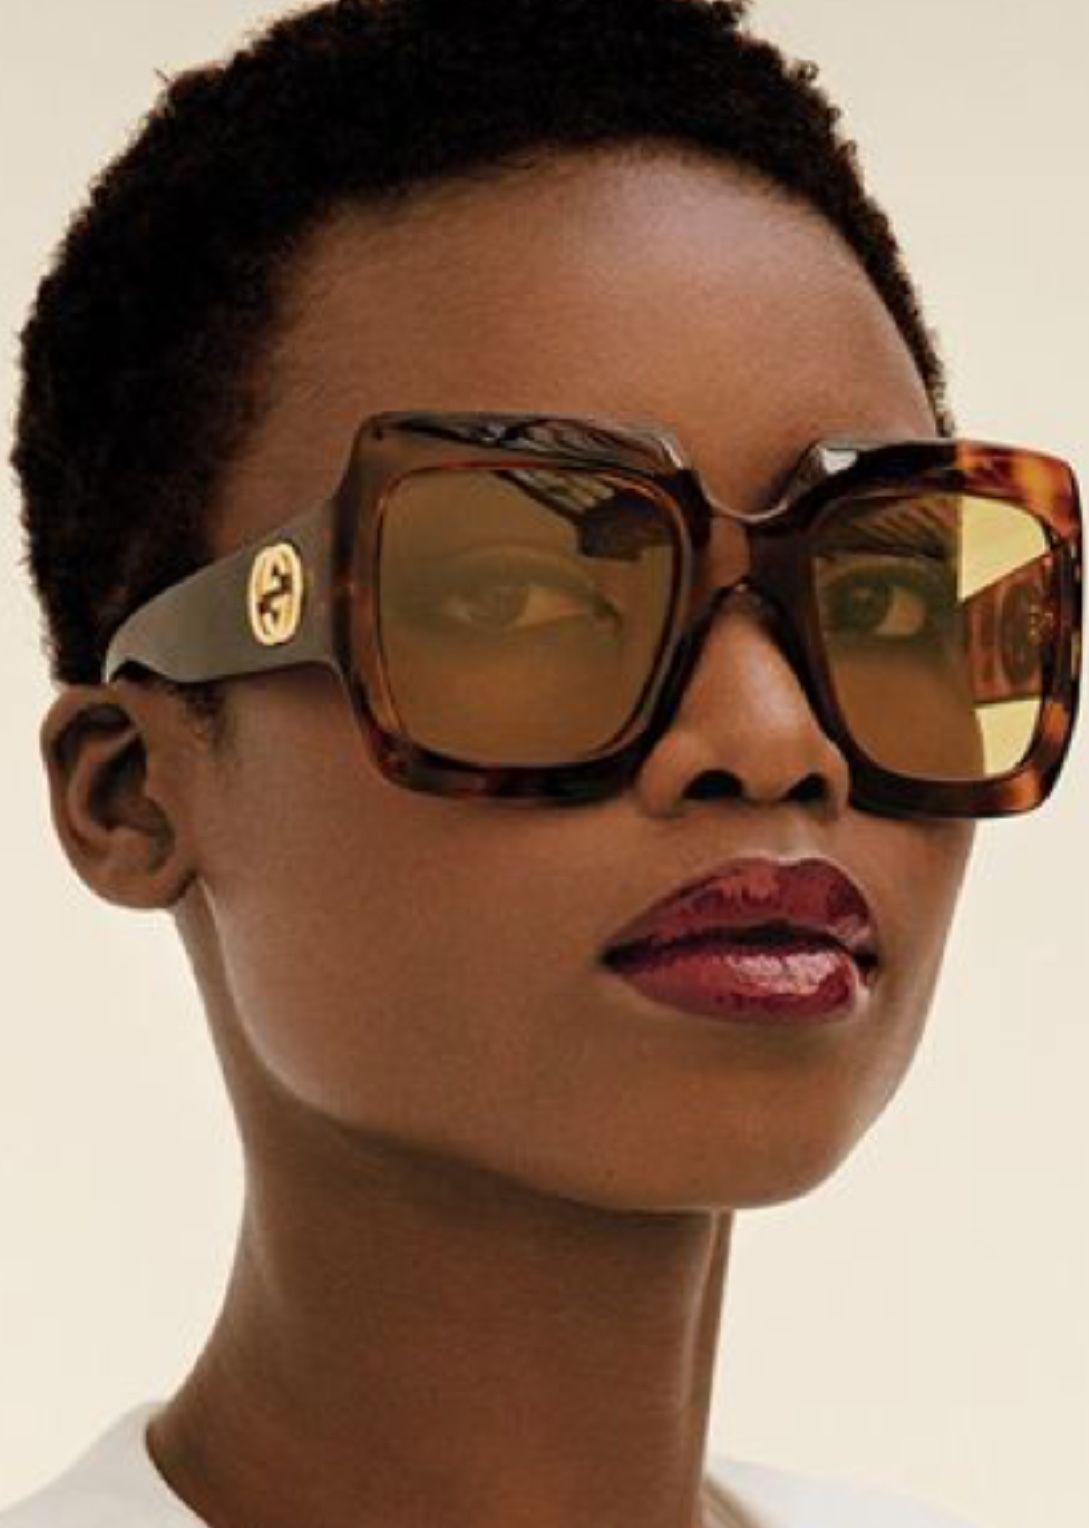 8ba3fa4a Gafas De Sol · Zapatos · Lentes Animados, Lentes Gucci, Lentes Para Ver,  Lente De Aumento, Sol Mujer